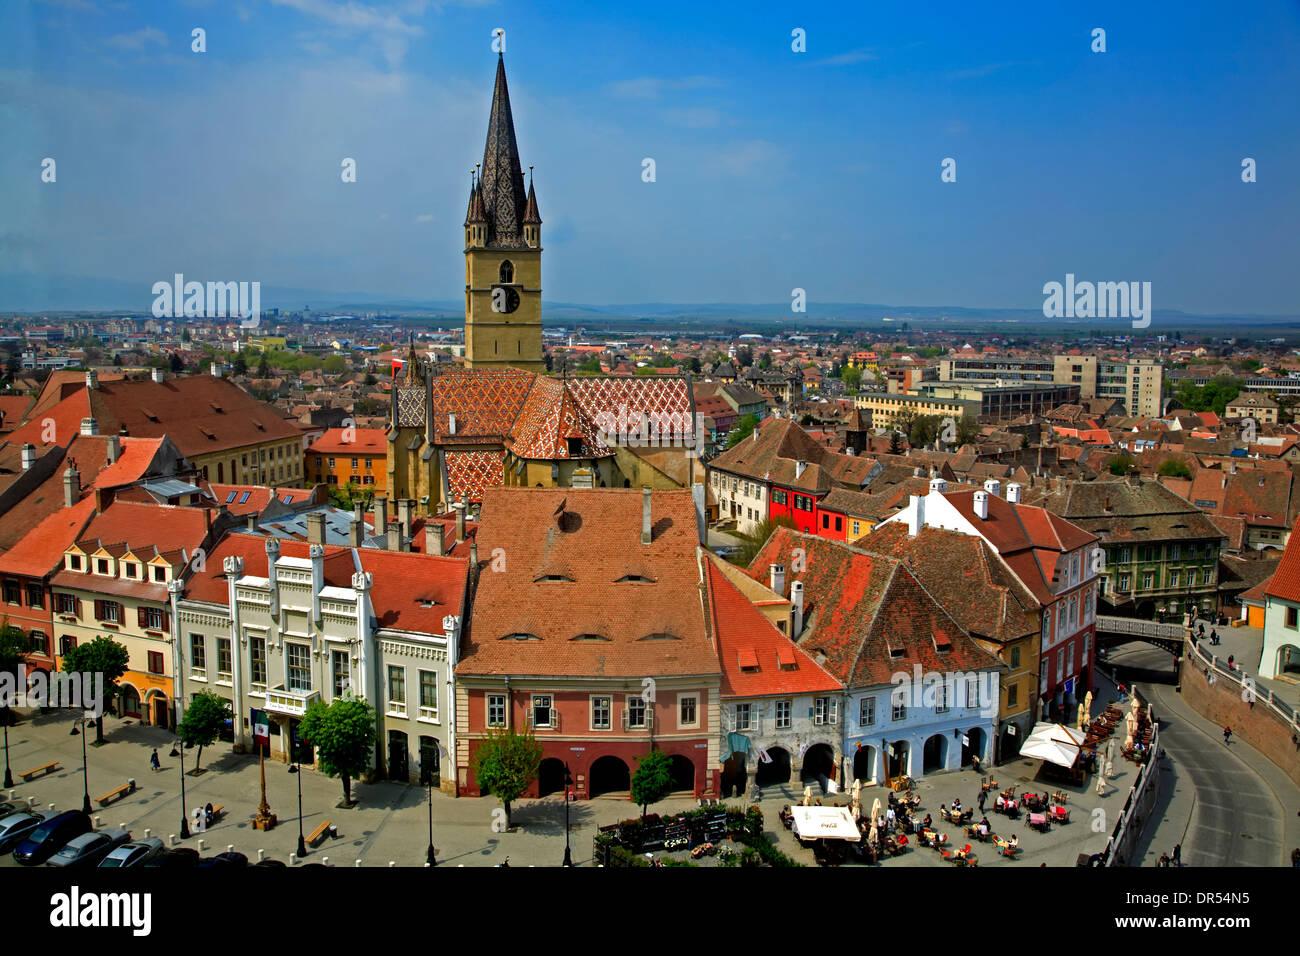 Bilder Sibiu-Hermannstadt • Foto-Galerie Rumänien  |Hermannstadt